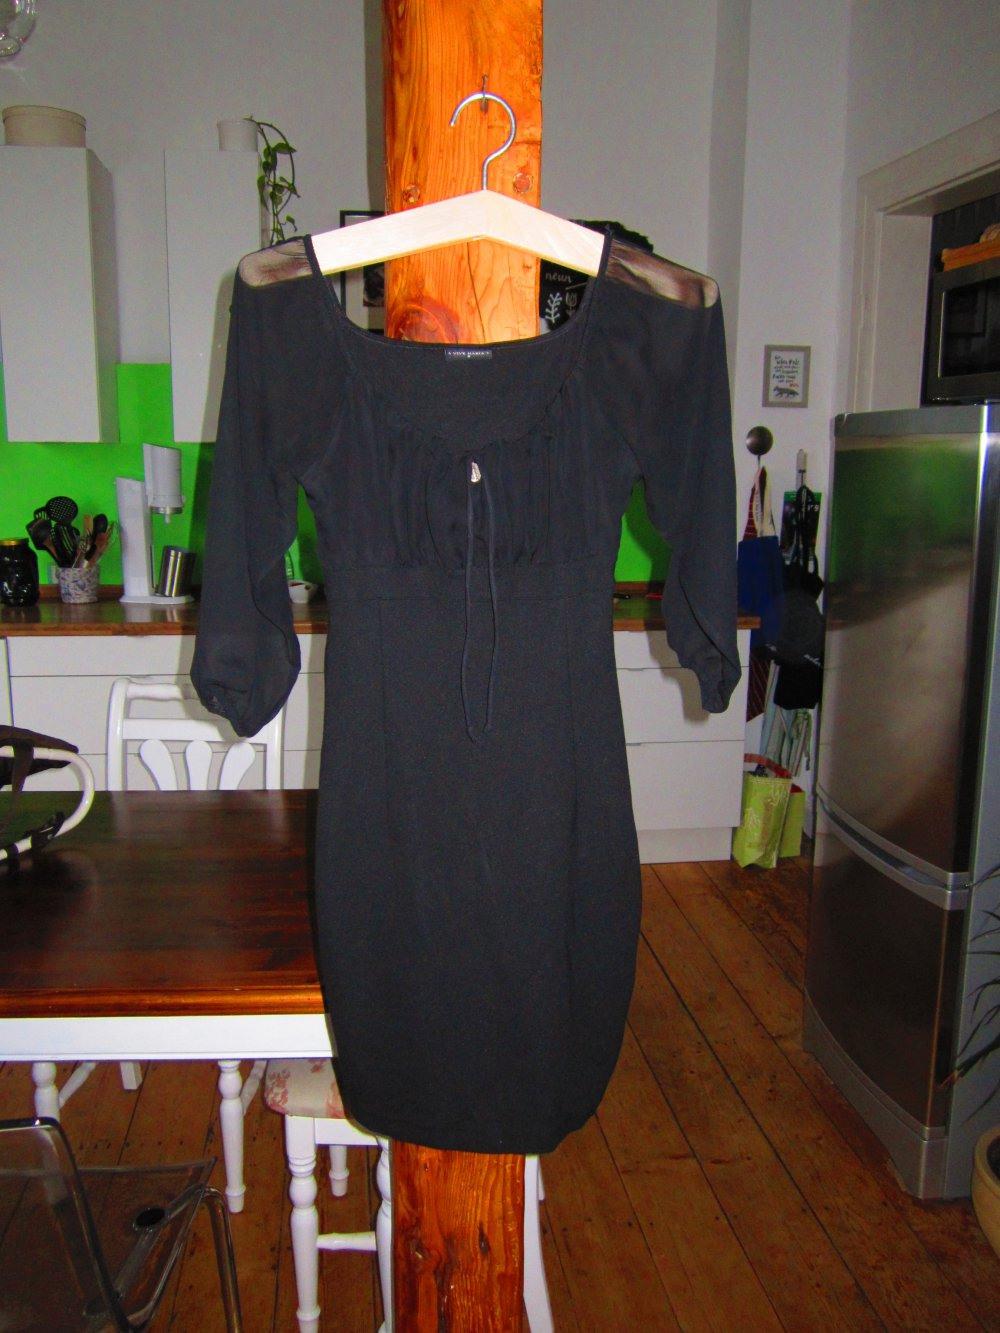 Abend Schön Schöne Kleider Für Festliche Anlässe Stylish13 Cool Schöne Kleider Für Festliche Anlässe Spezialgebiet